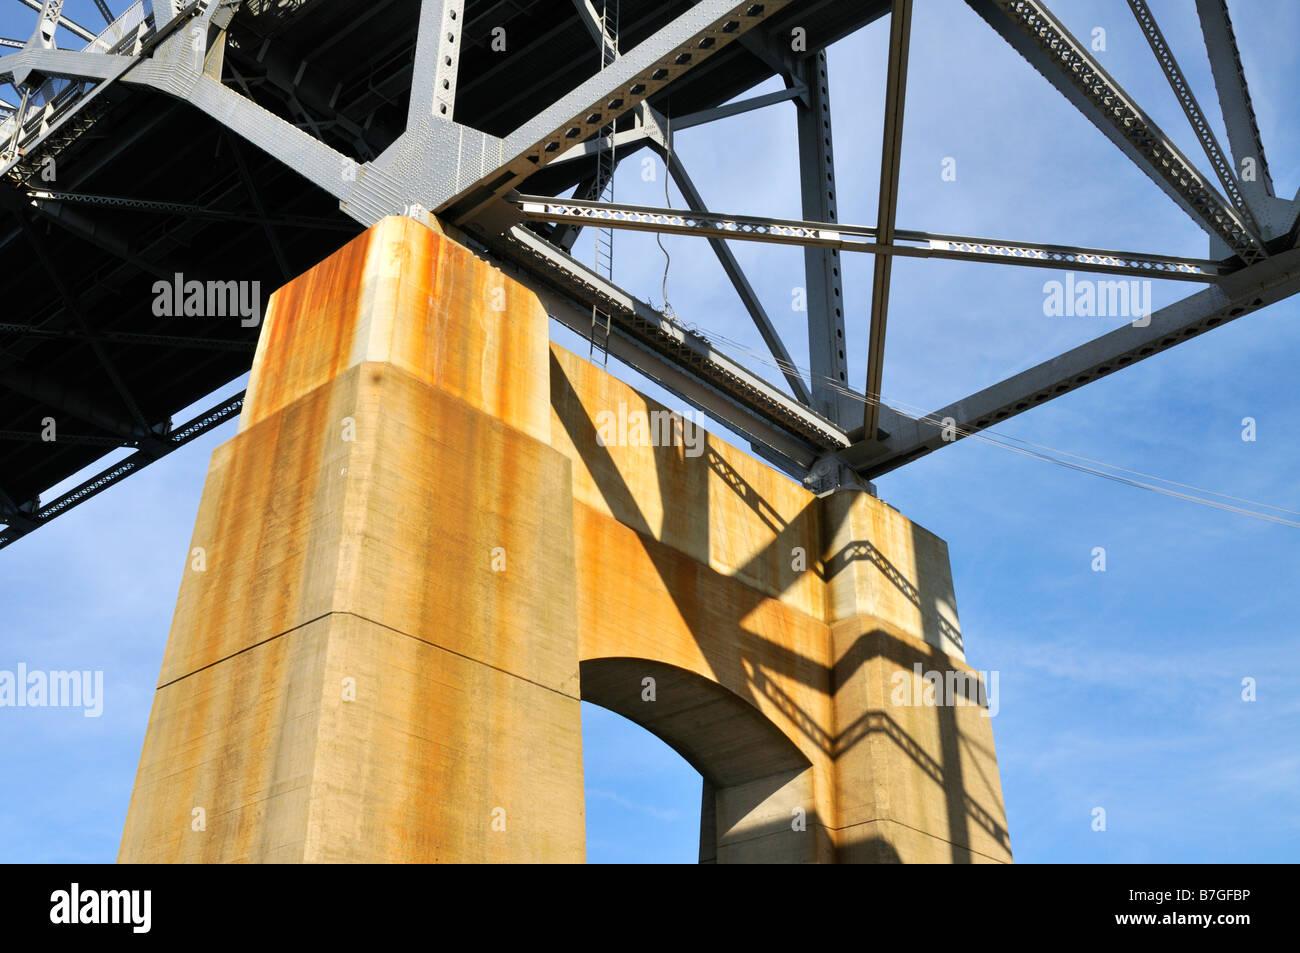 Levant les yeux de sous un pont montrant l'appui concret des poutres d'acier et bleu ciel Photo Stock